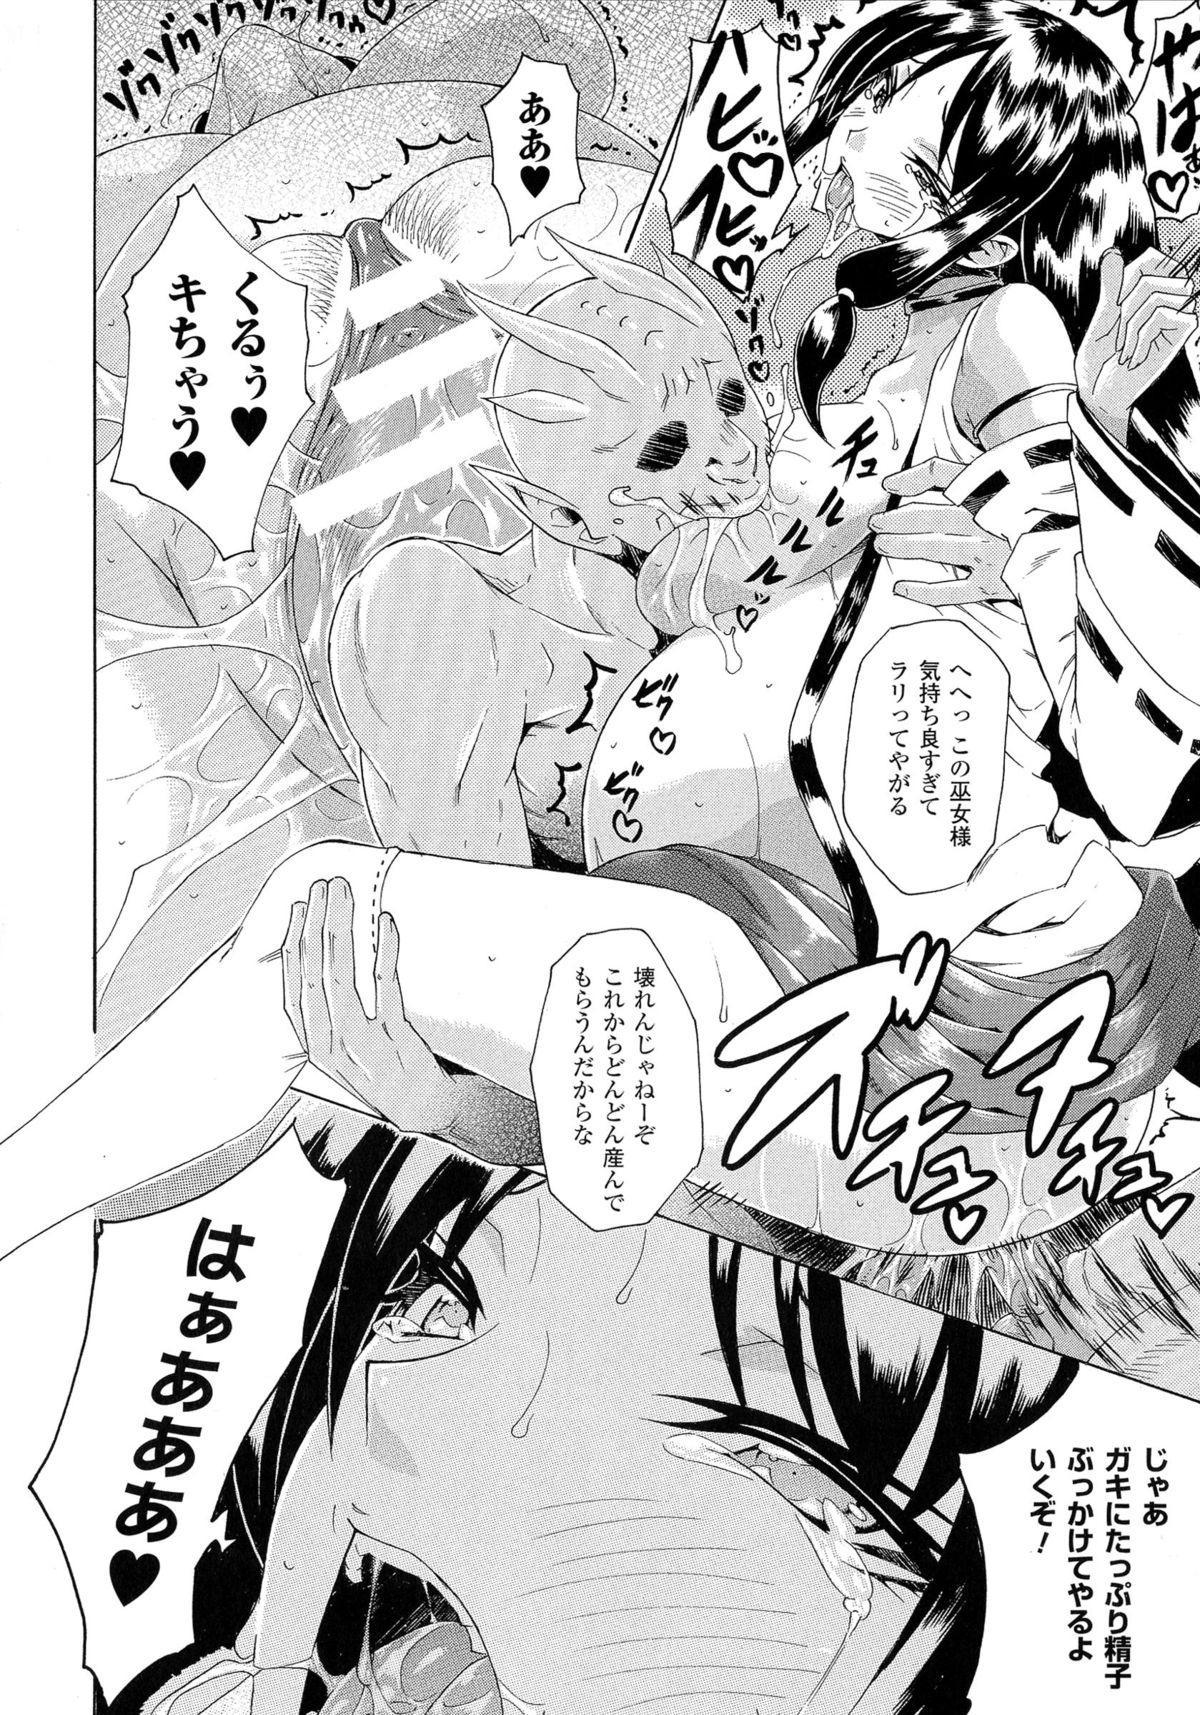 Kachiki na Onna ga Buzama na Ahegao o Sarasu made 137